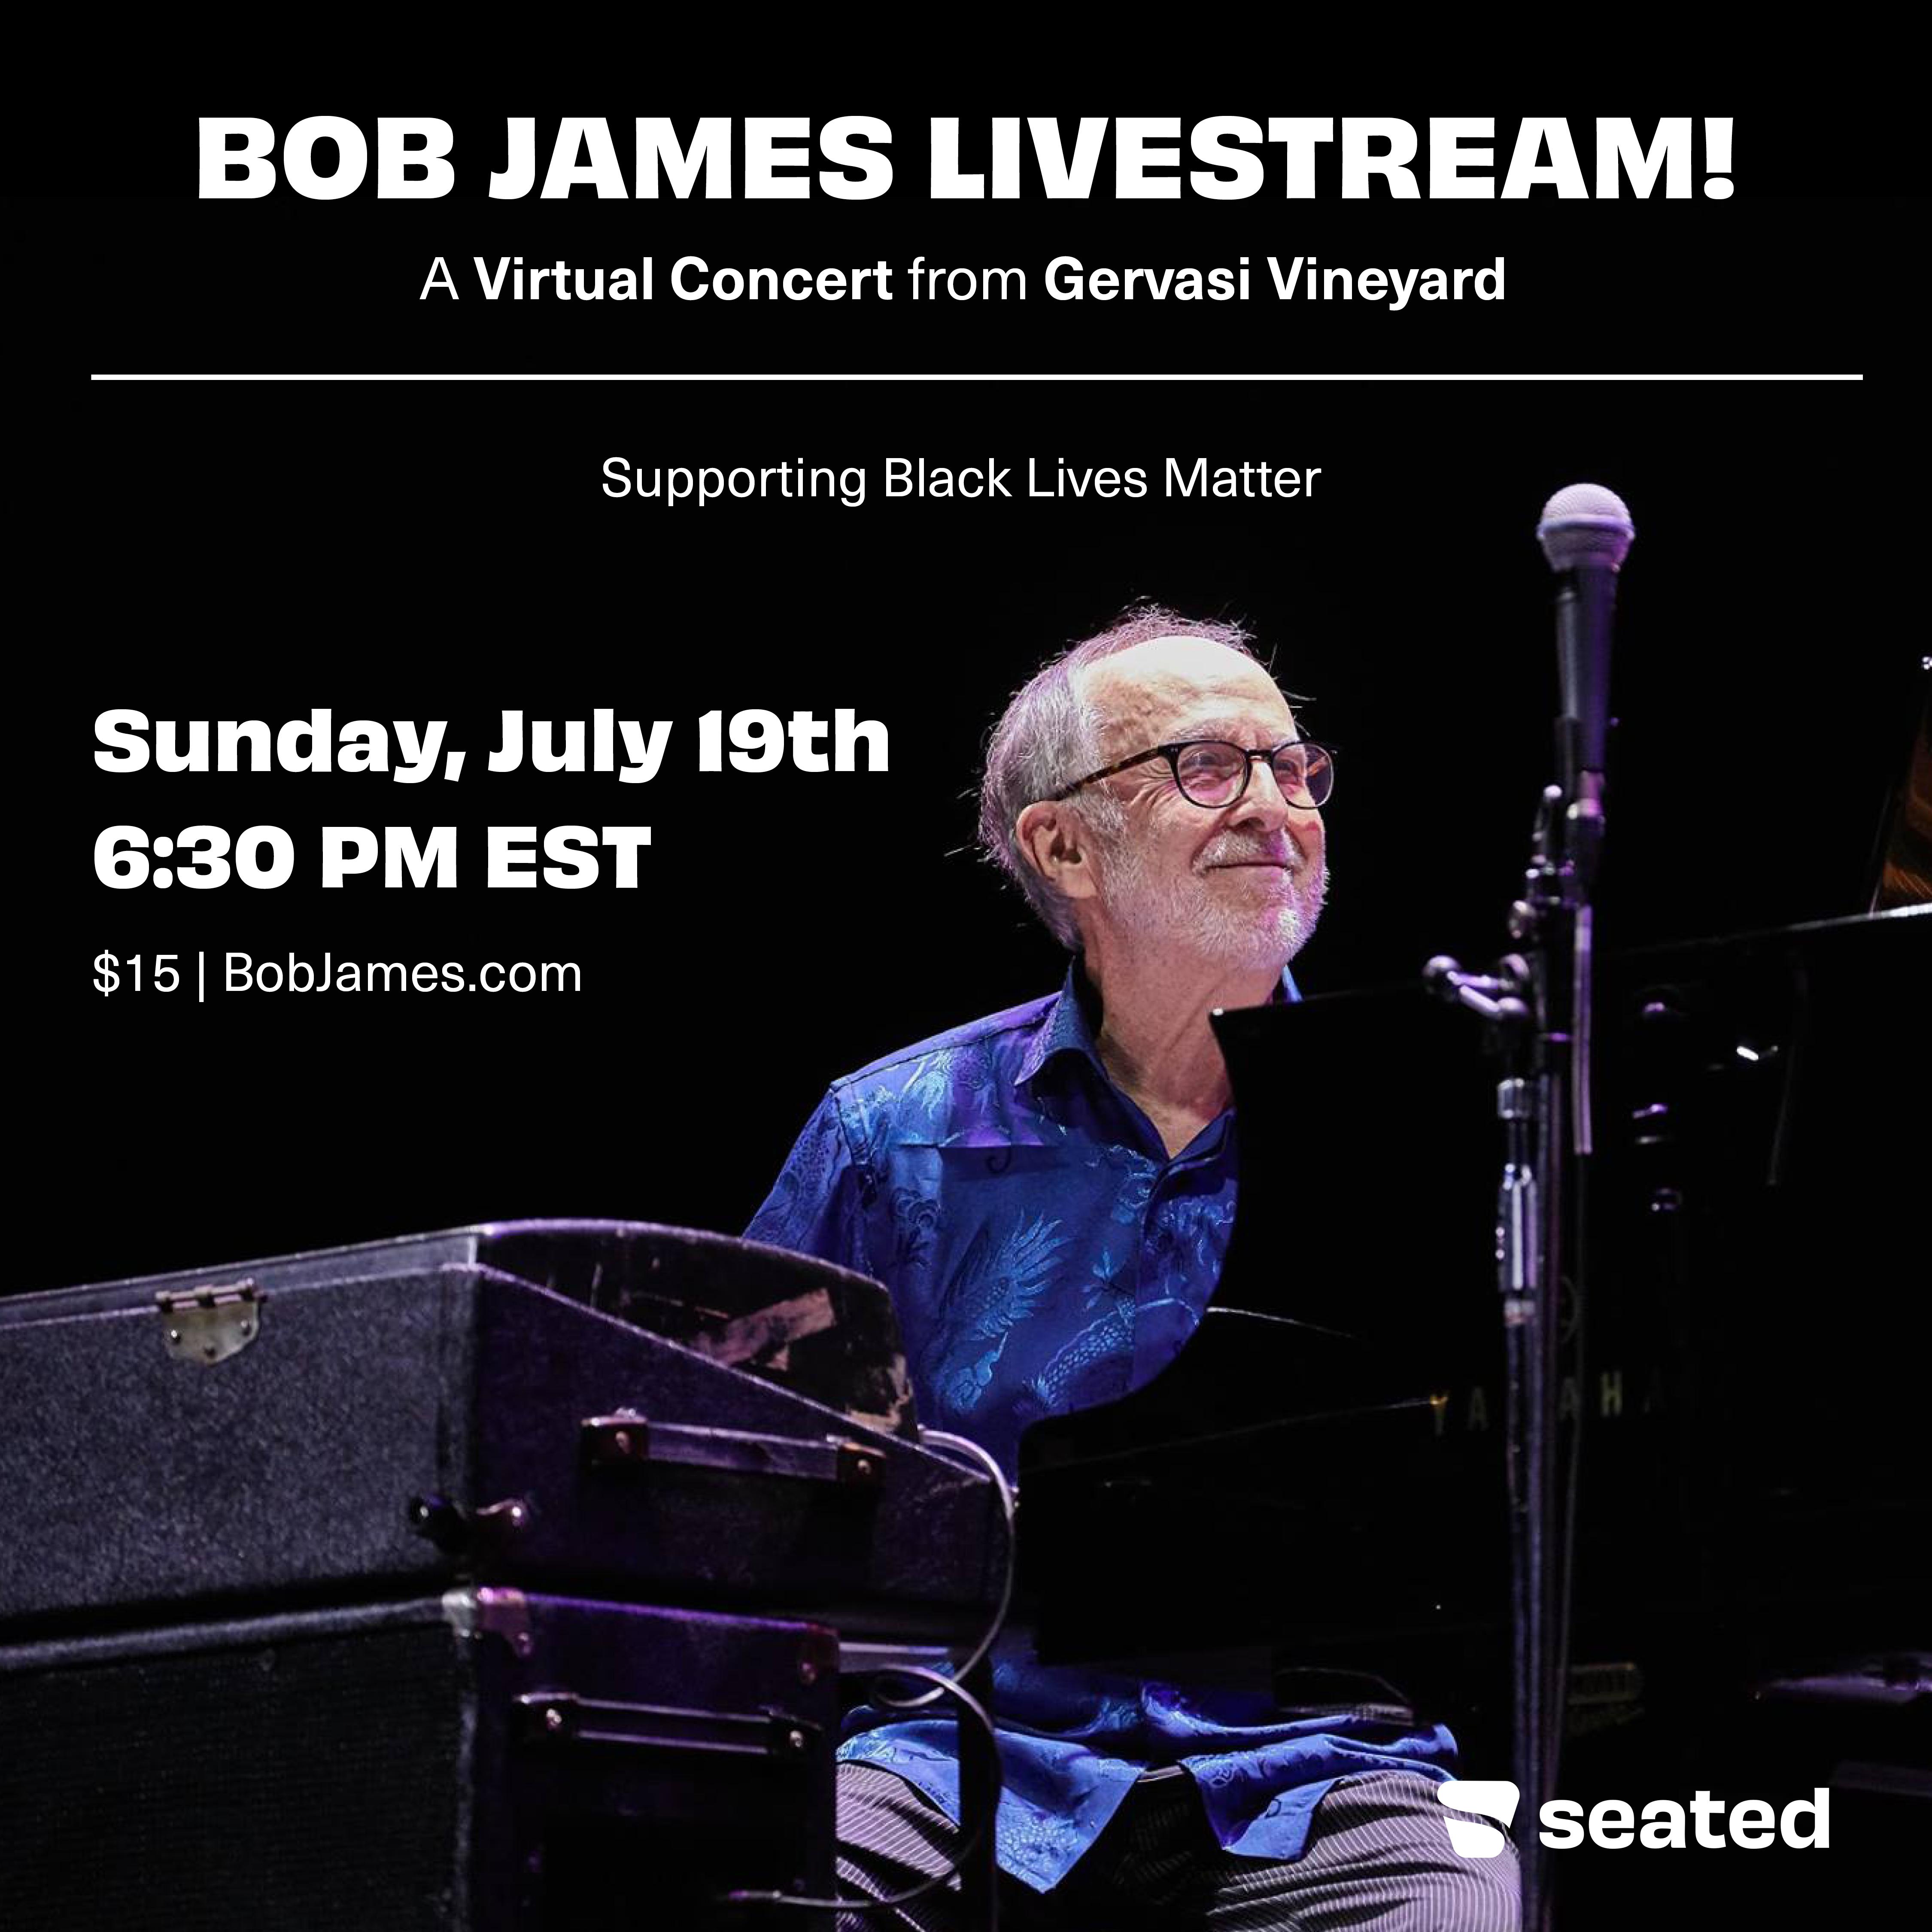 Bob James Livestream Concert!